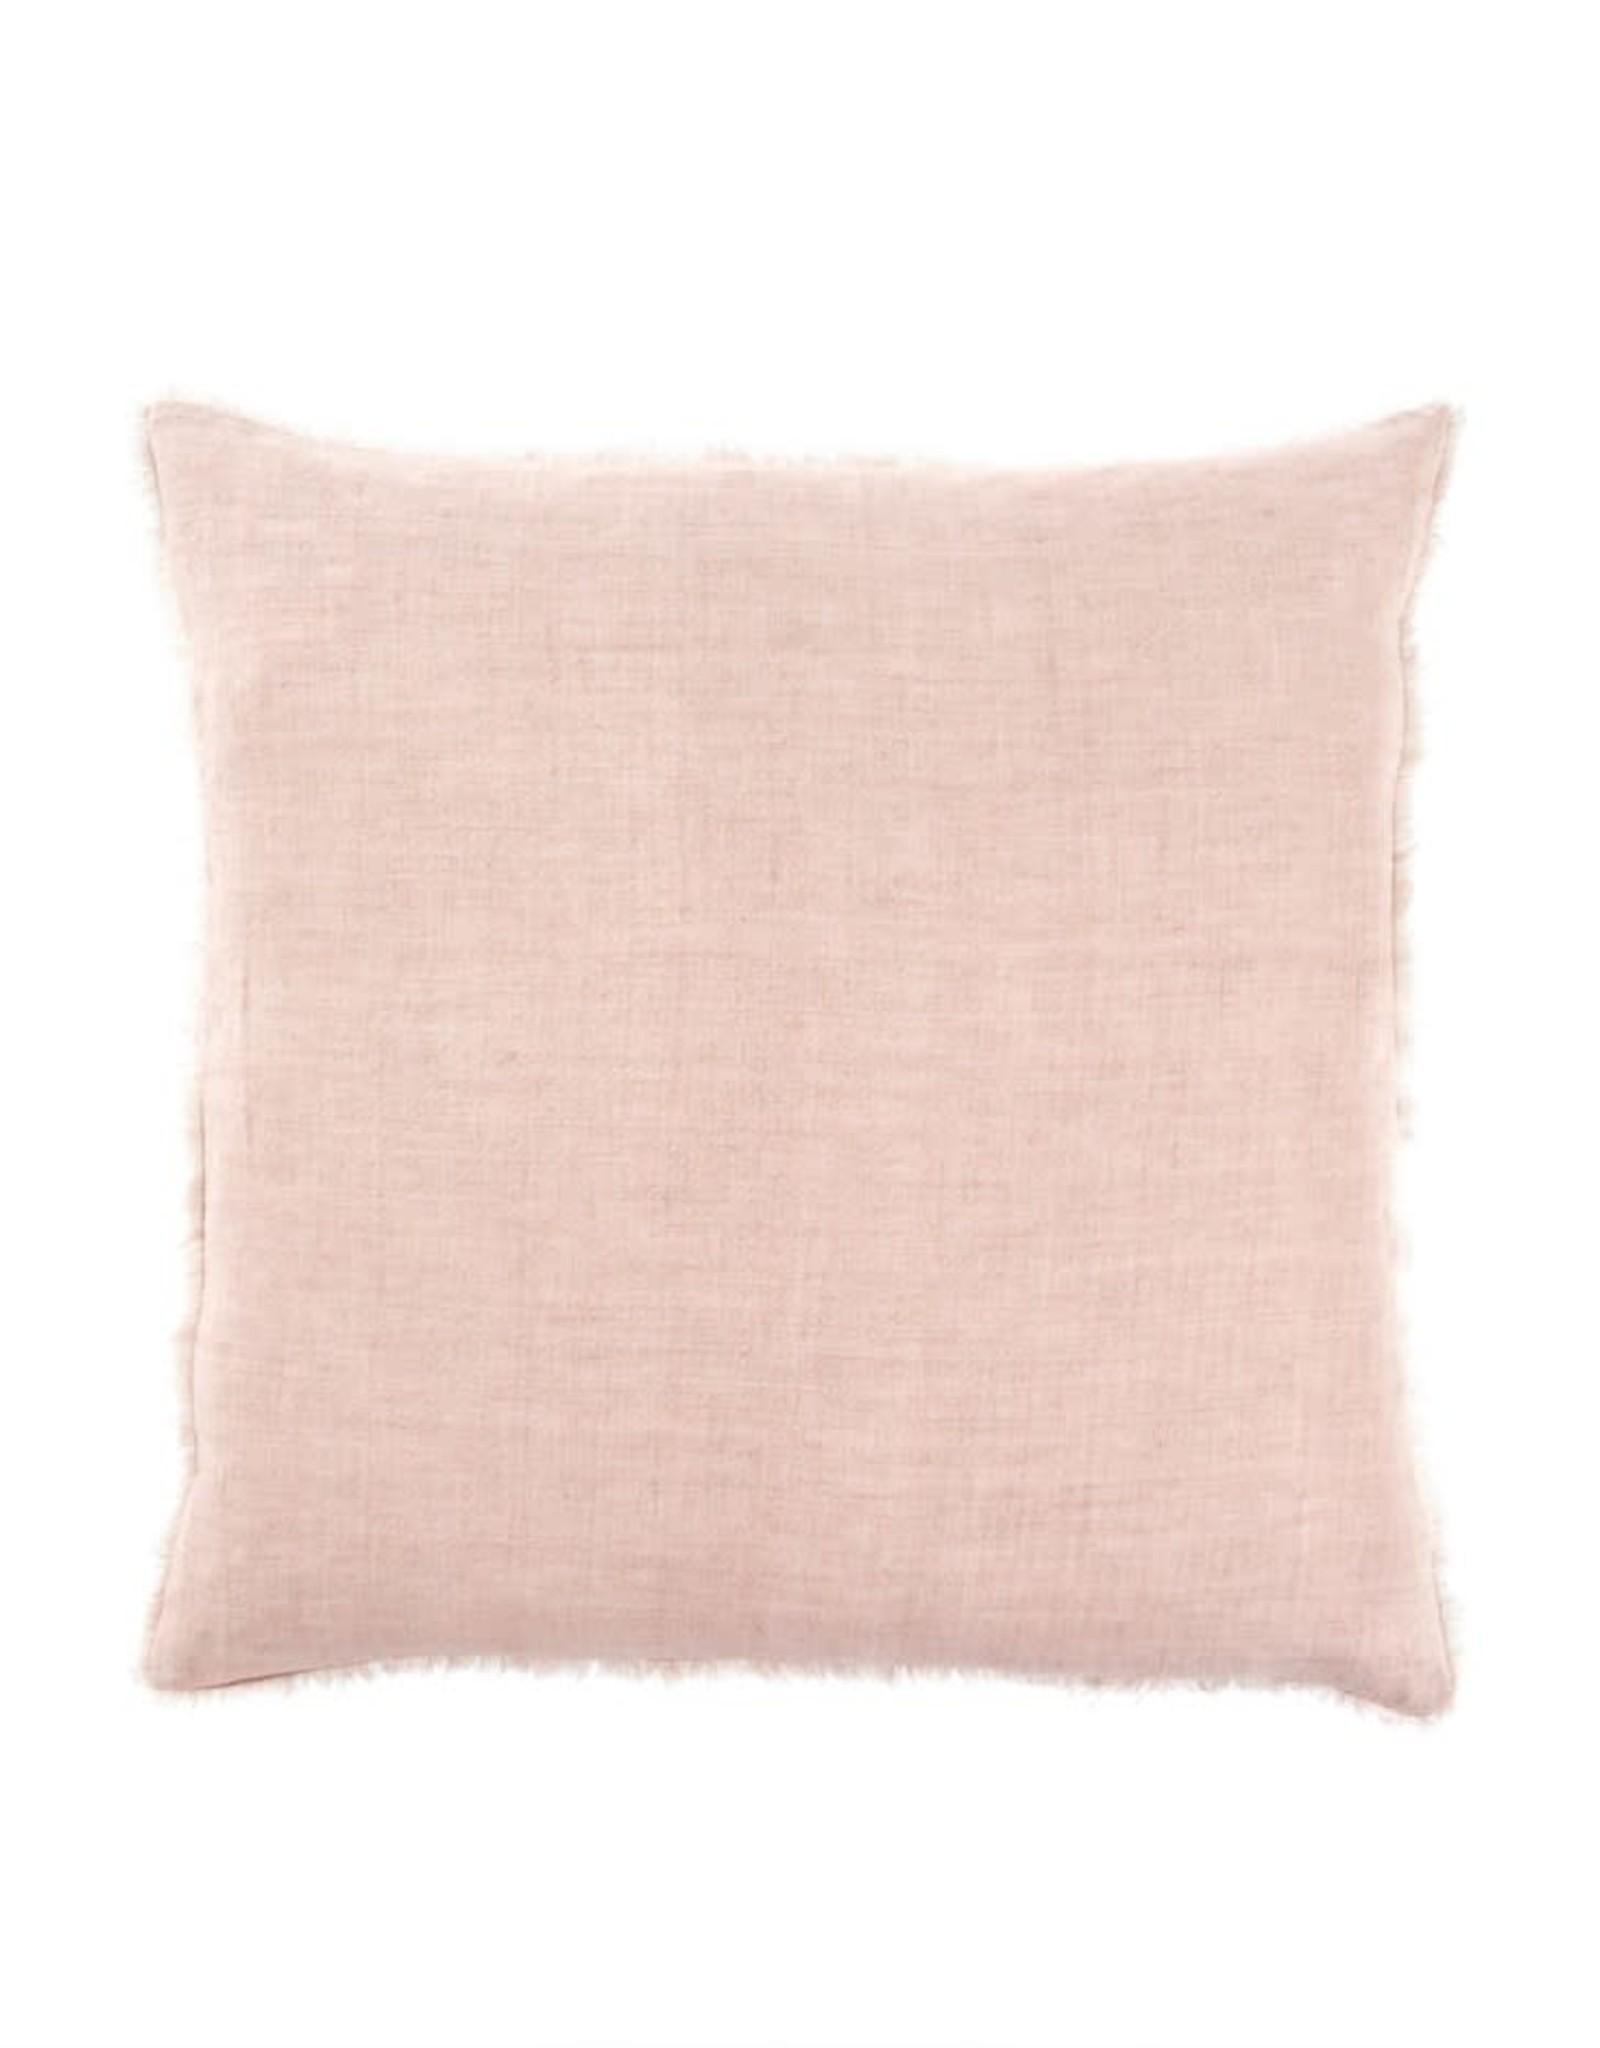 Lina Linen Pillow Dusty Rose 24x24